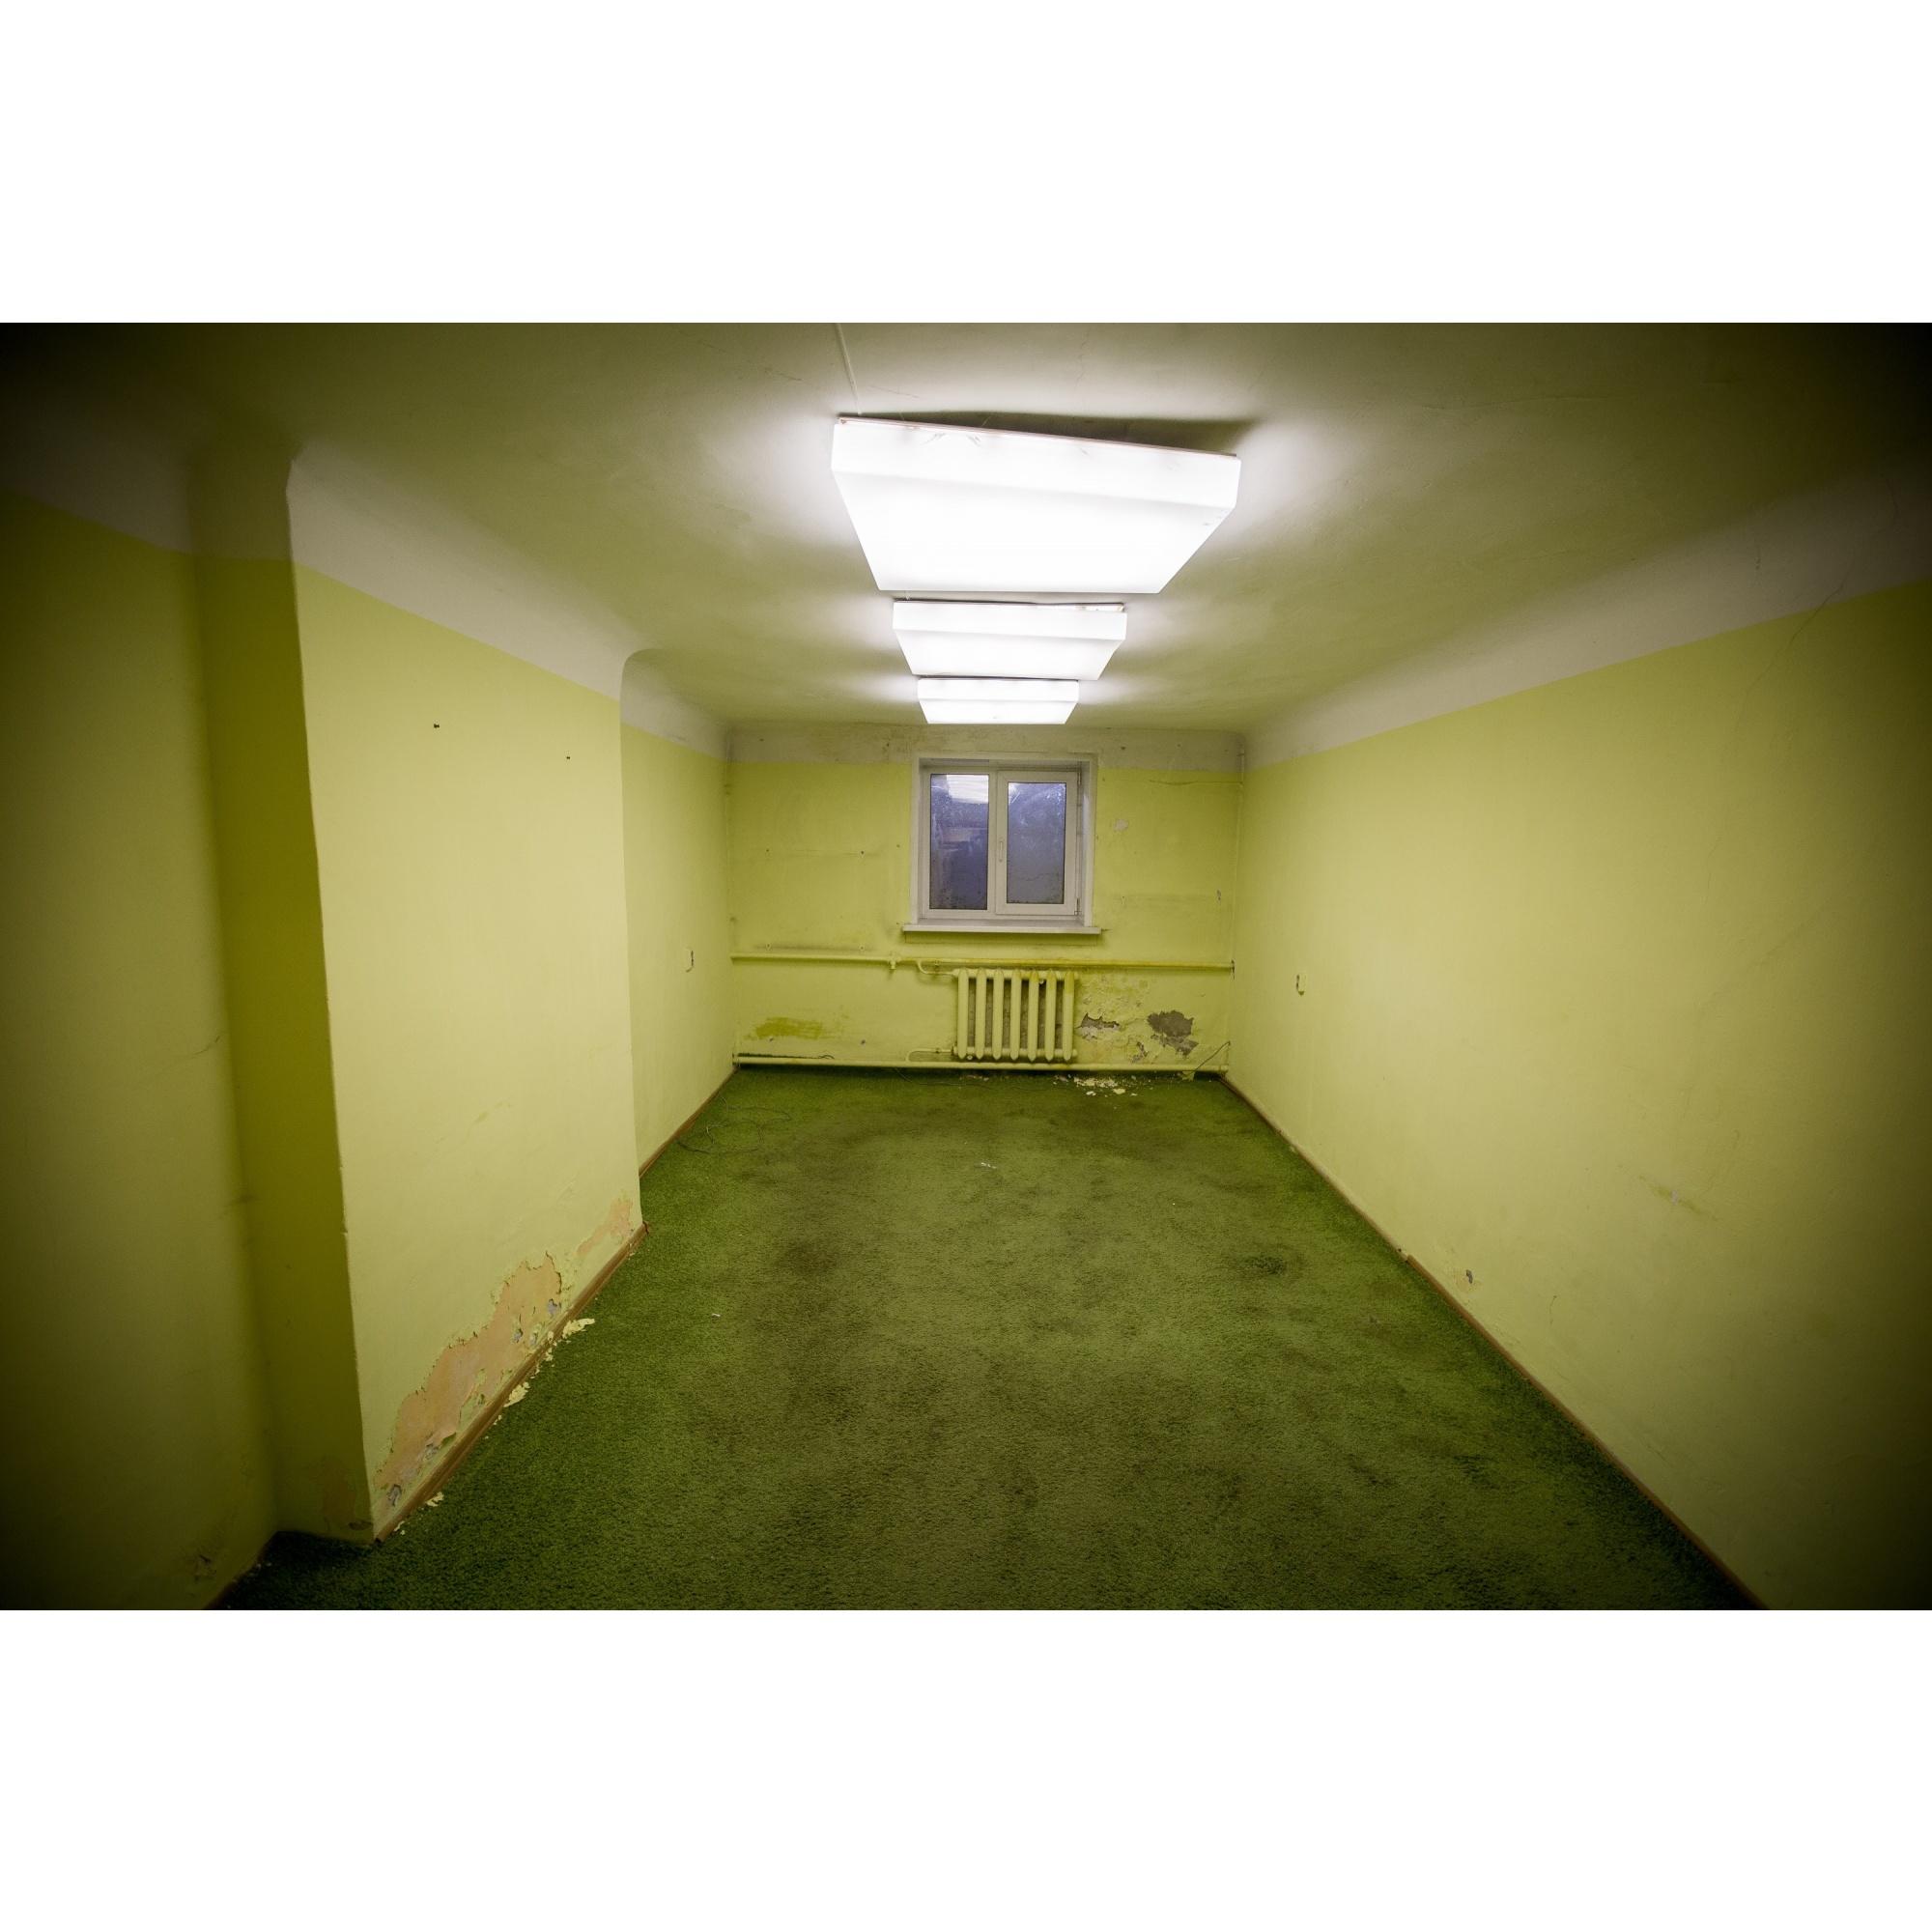 Одна из комнат помещения, в котором планируется открыть музей конструктивизма —более 80 лет назад здесь была жилконтора дома